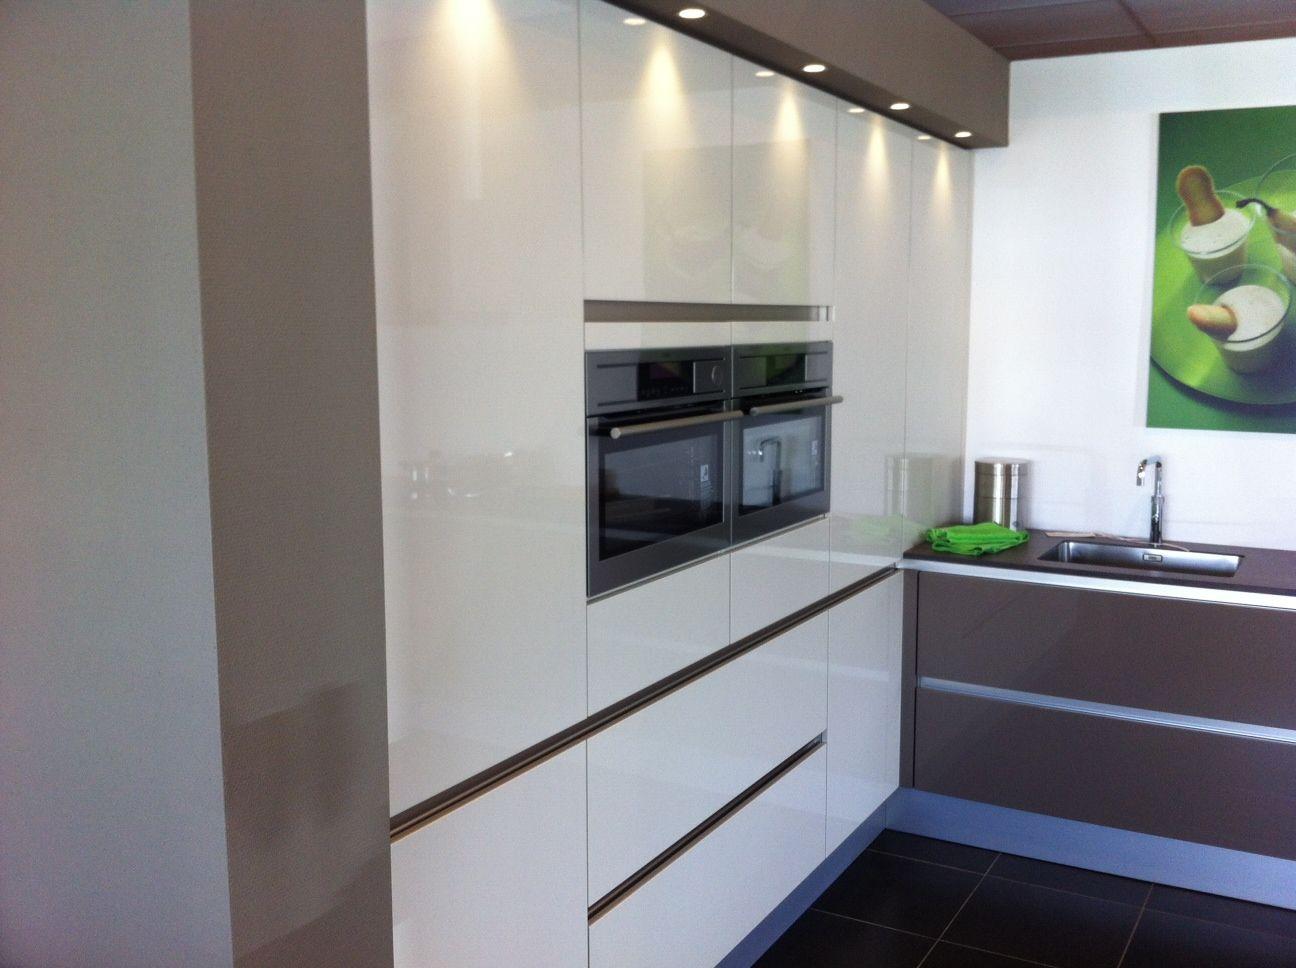 Keukenprijs altijd de beste keukenprijs keller gl7100 hoogglans fango en schelp 53681 - De beste hedendaagse keukens ...